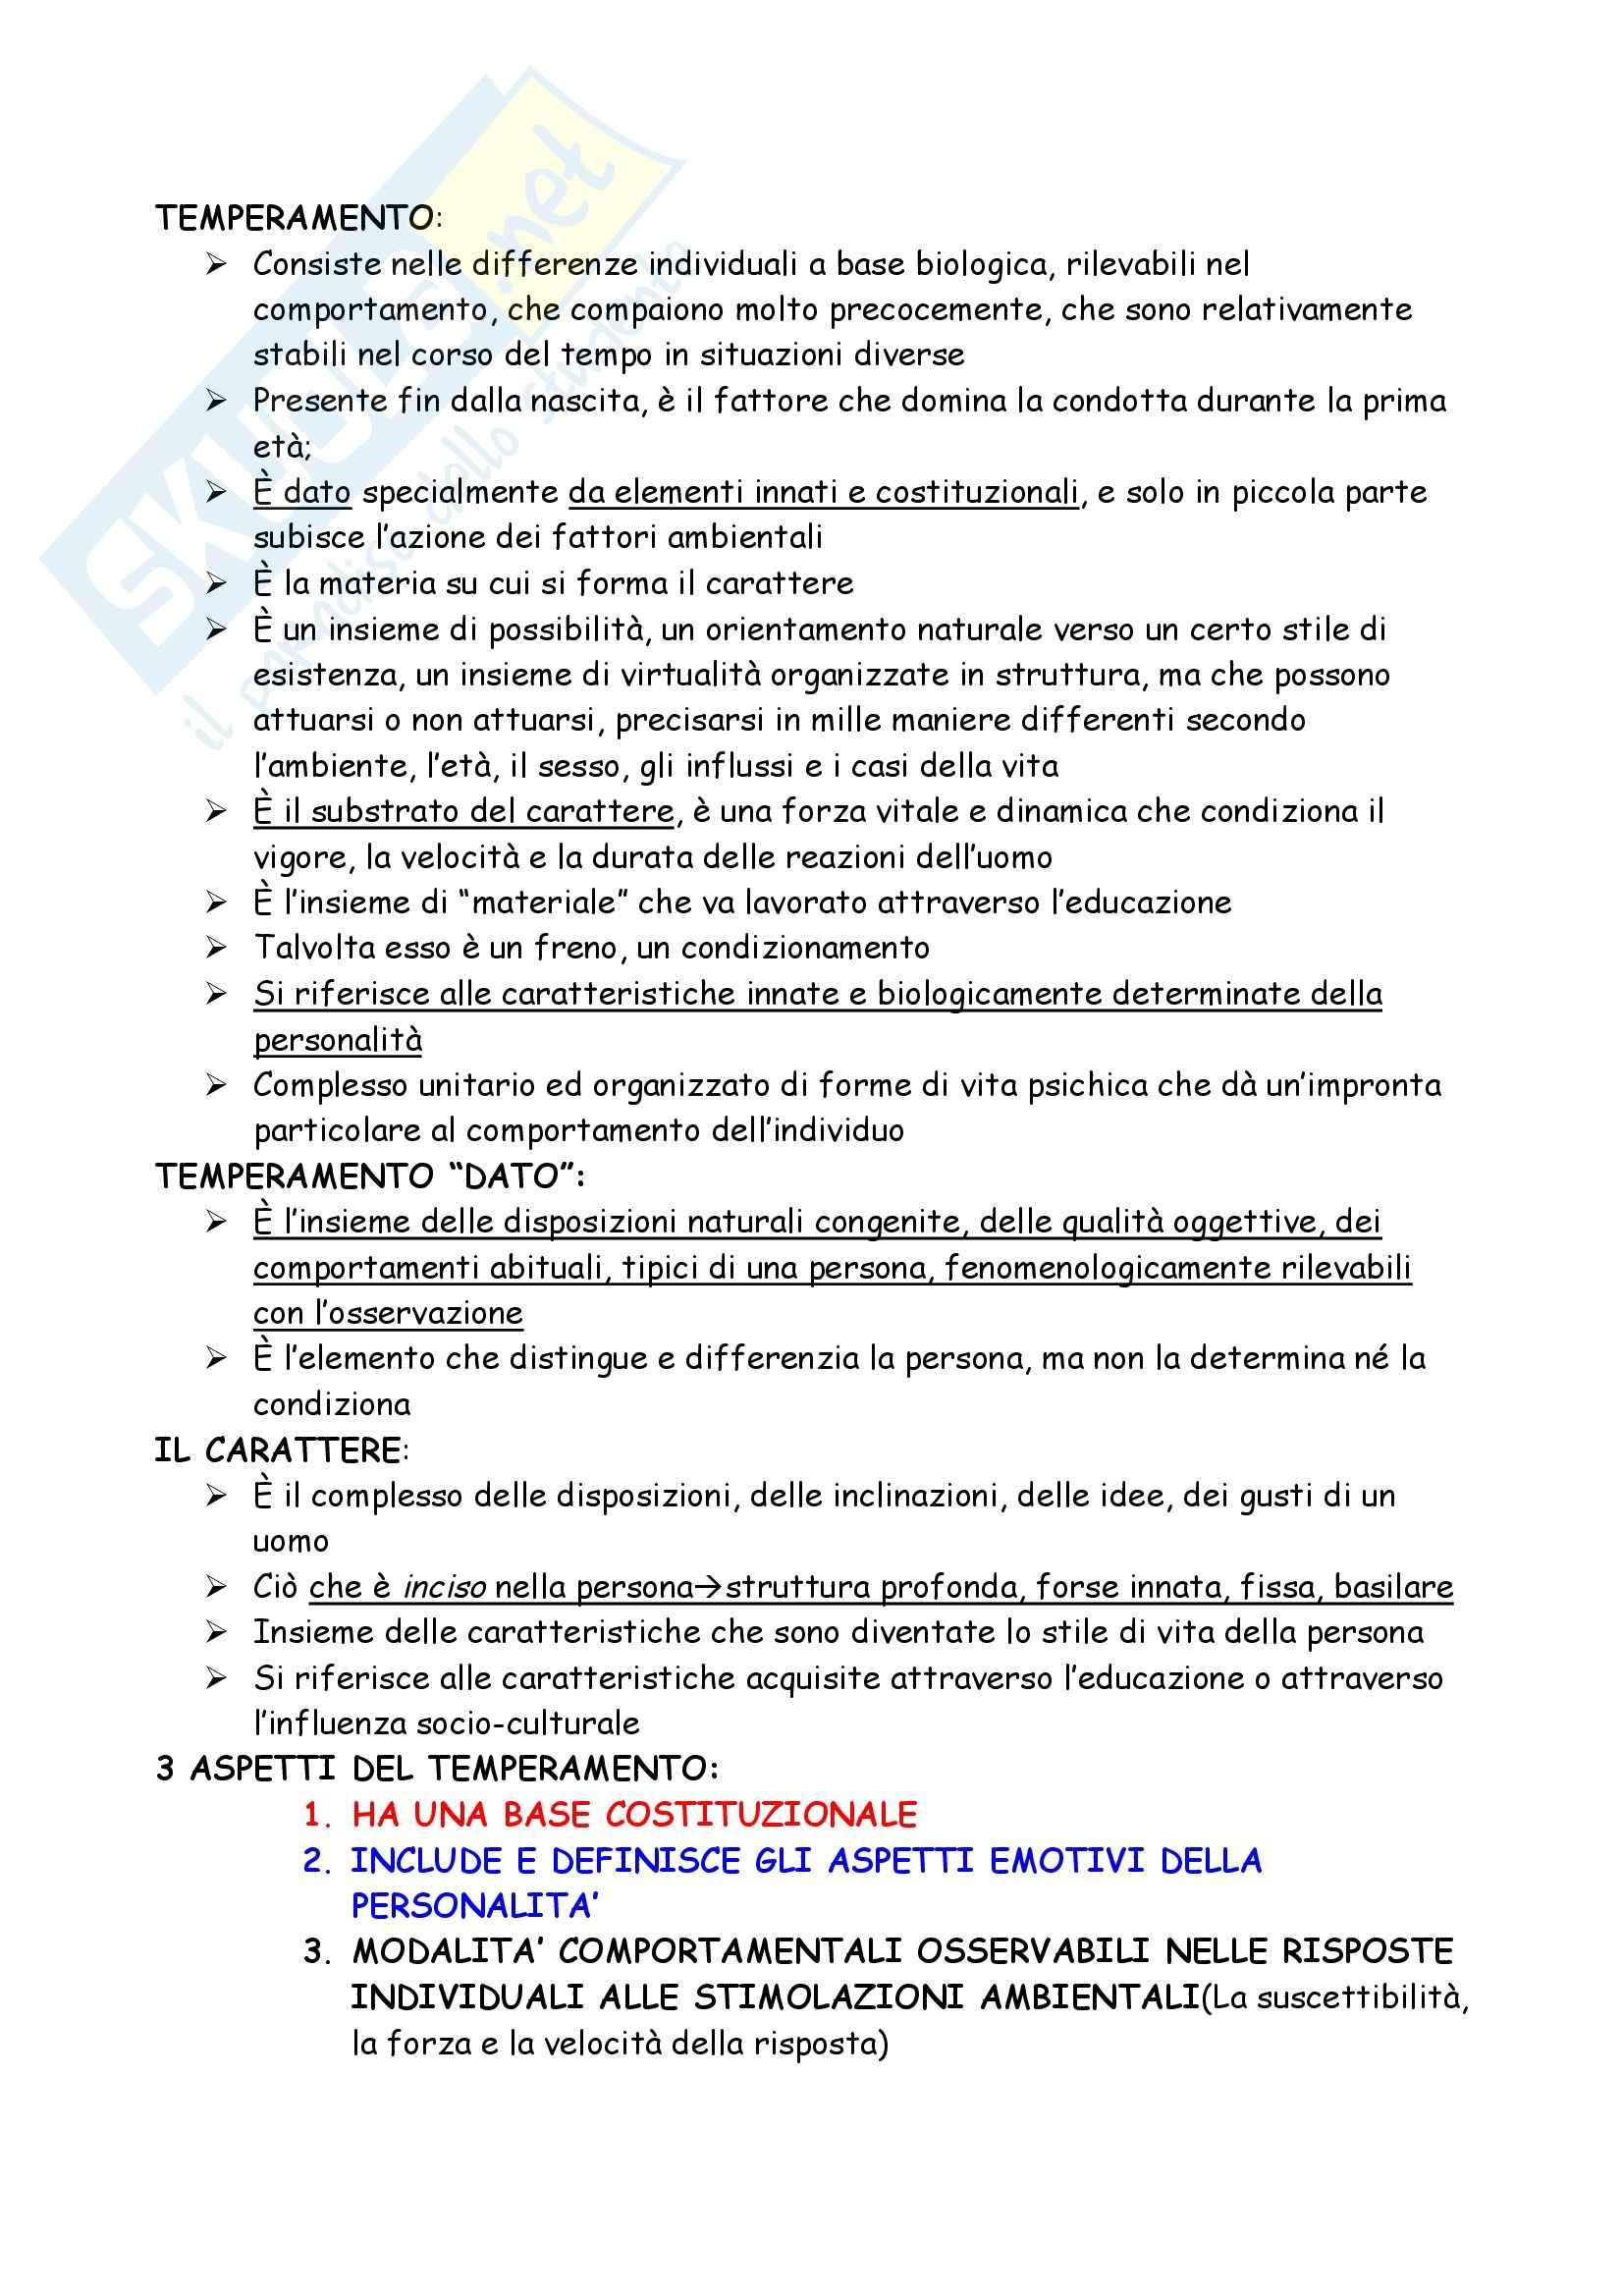 Didattica generale - Appunti